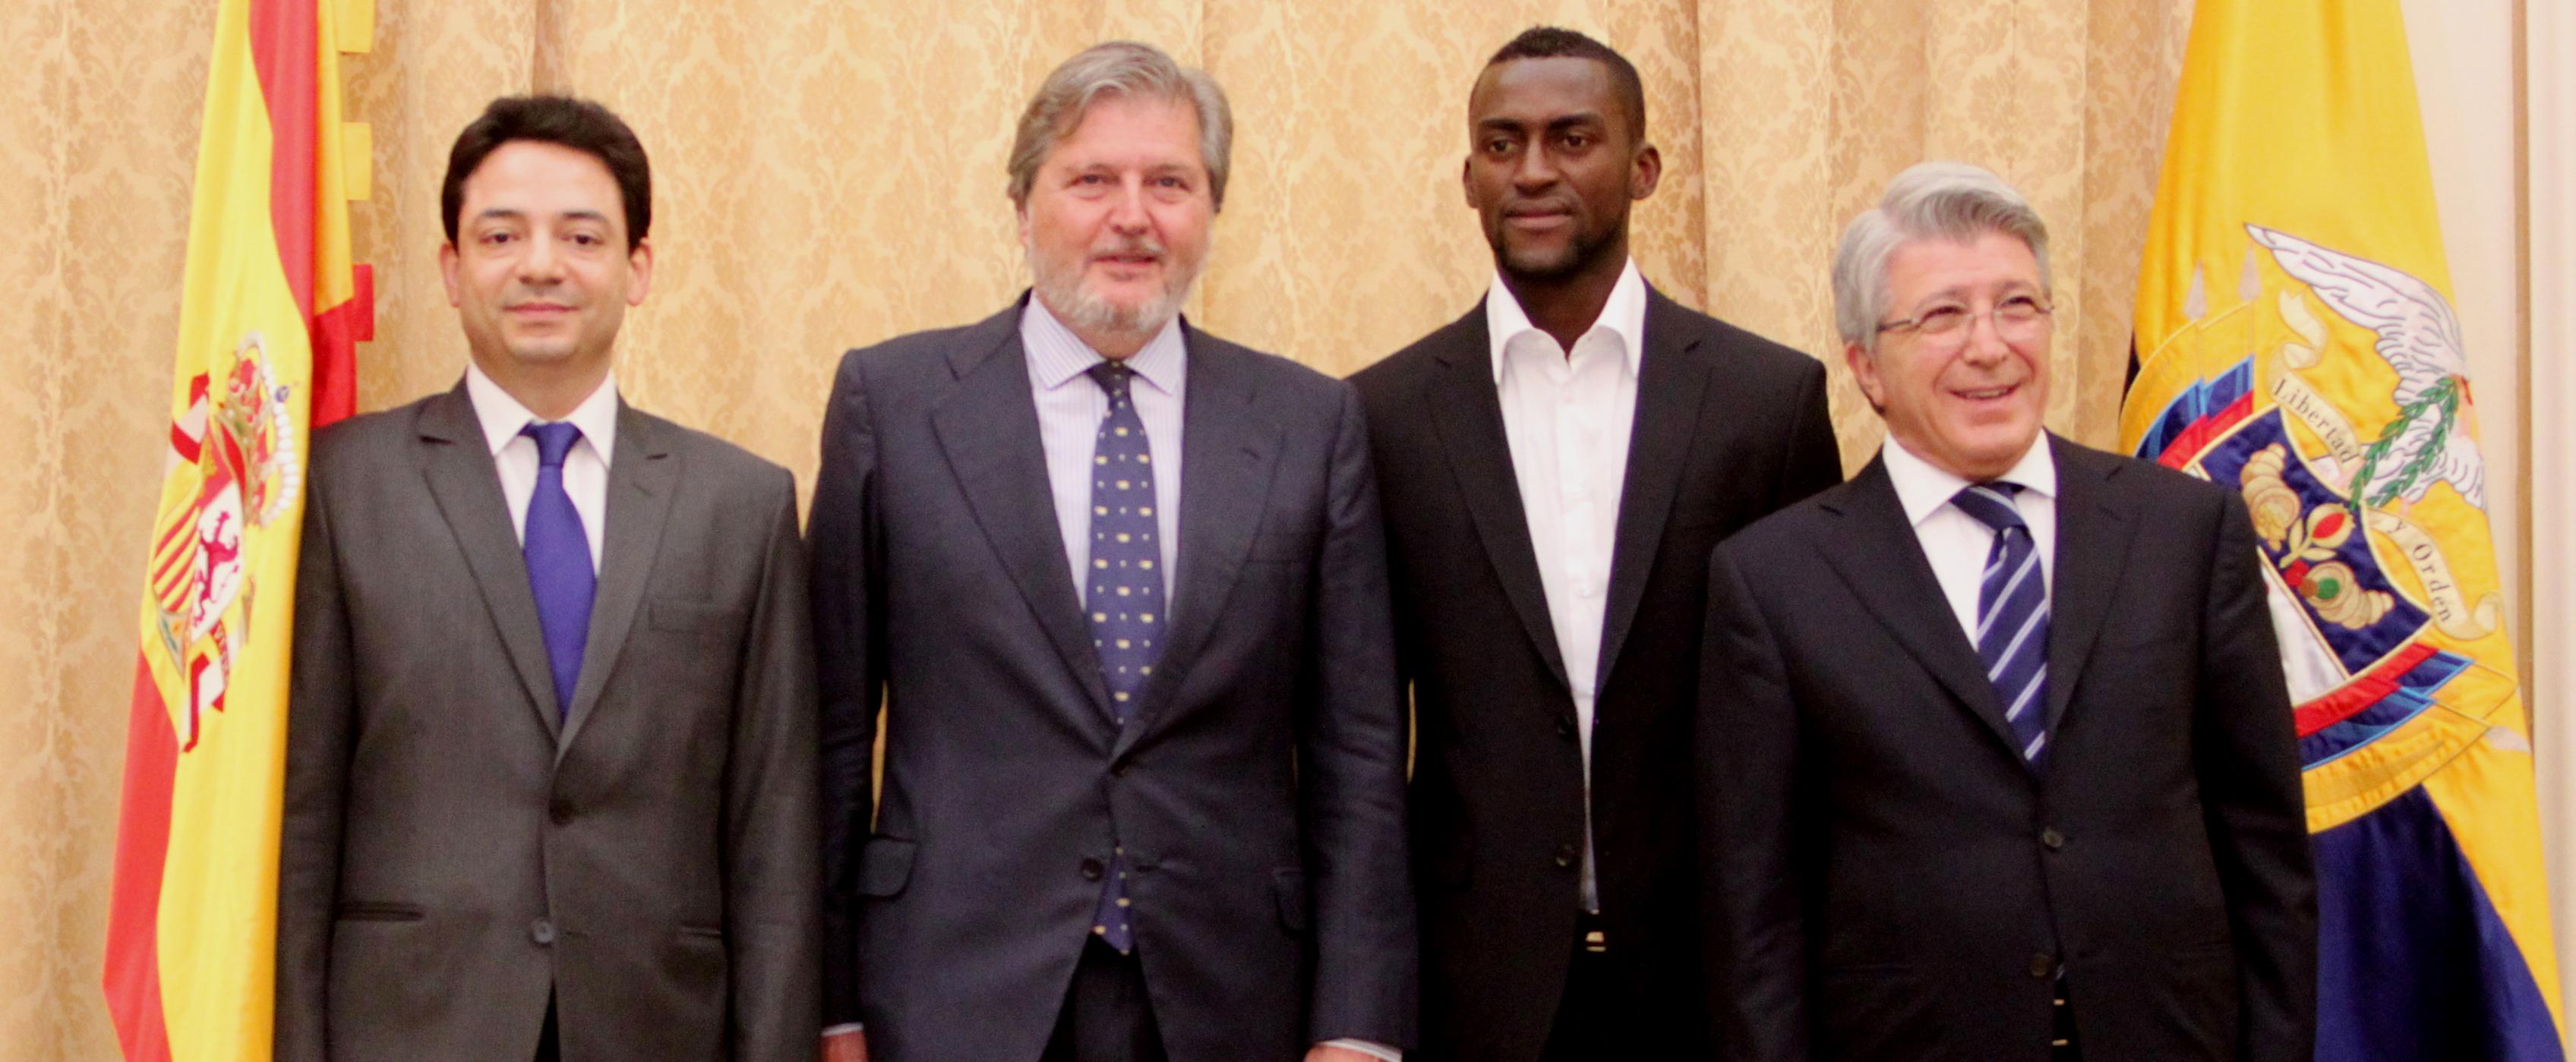 Santiago Ávila, Iñigo Méndez de Vigo, Jackson Martínez y Enrique Cerezo. Fuente: CSD.